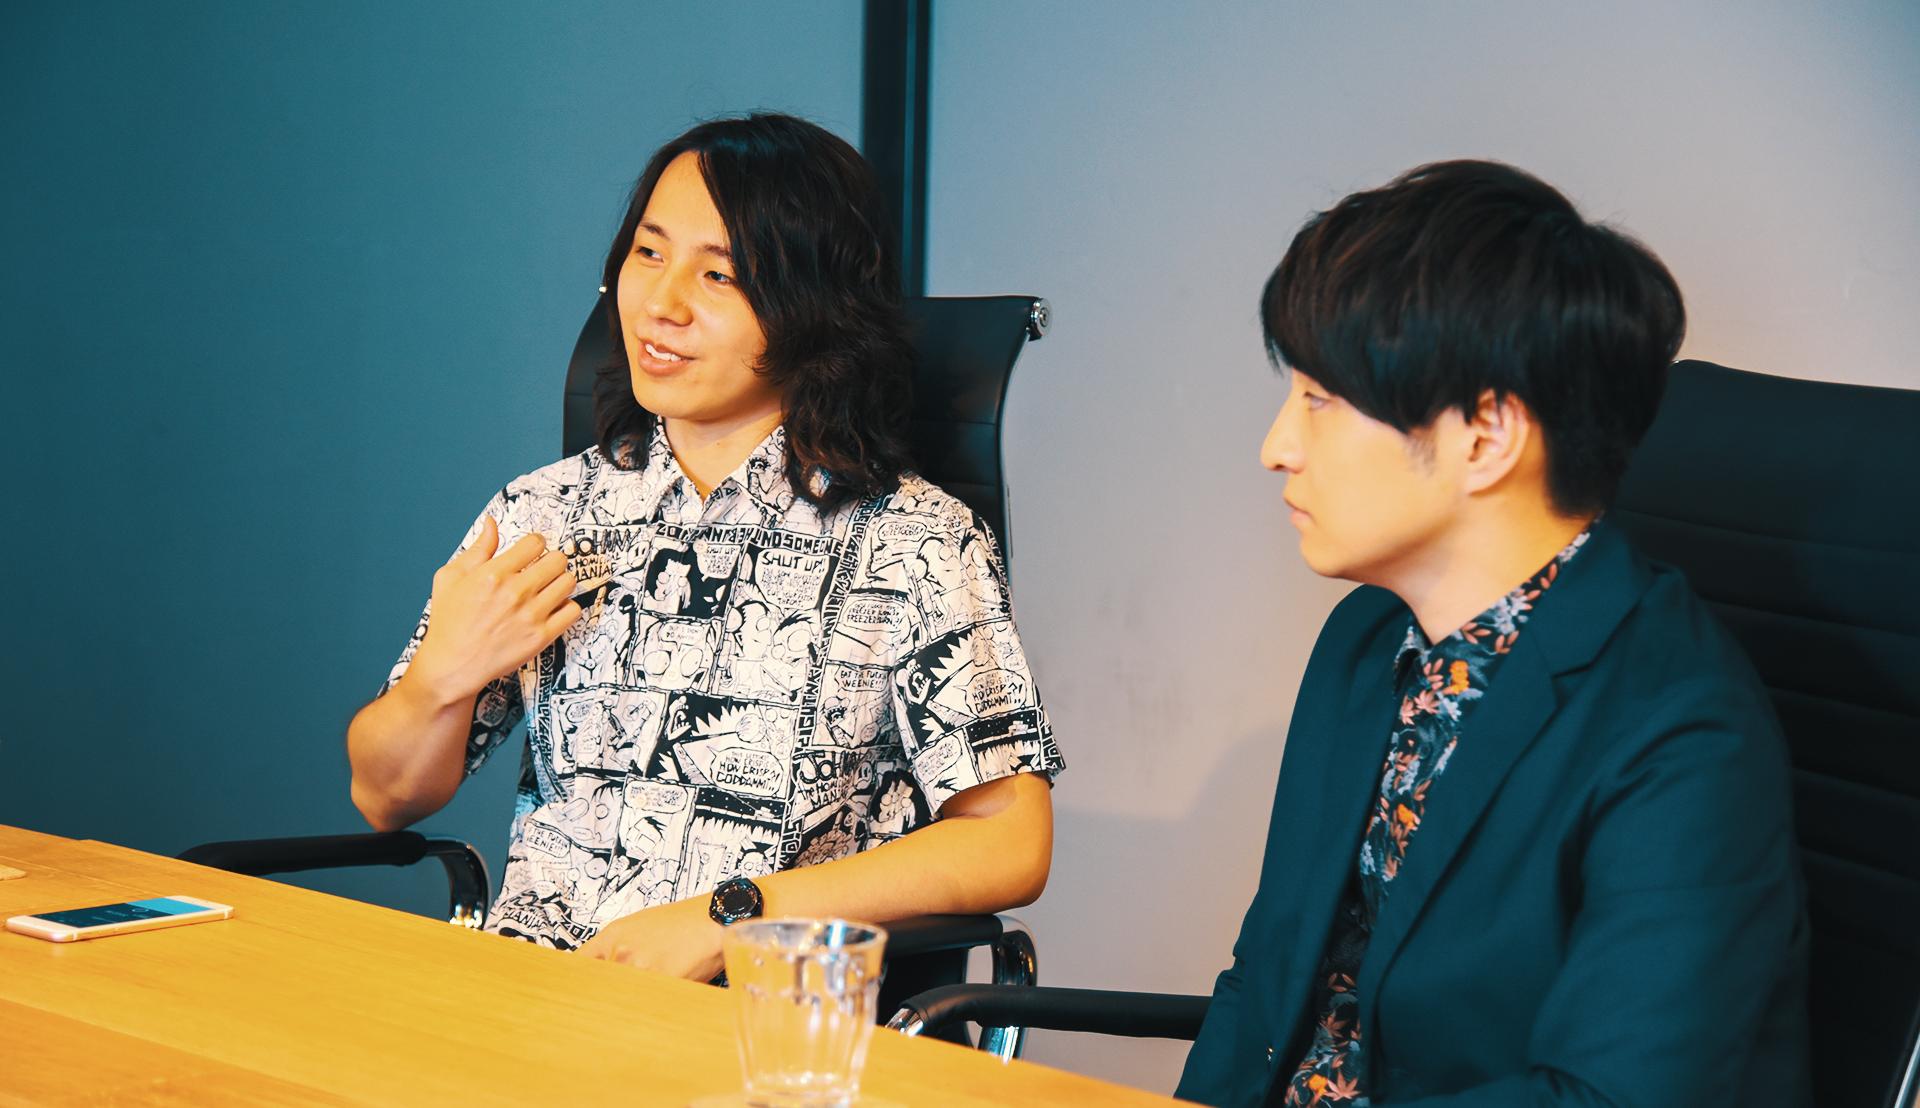 [特別対談]横田誓哉×藤原聡 2019.08.08『対談編』